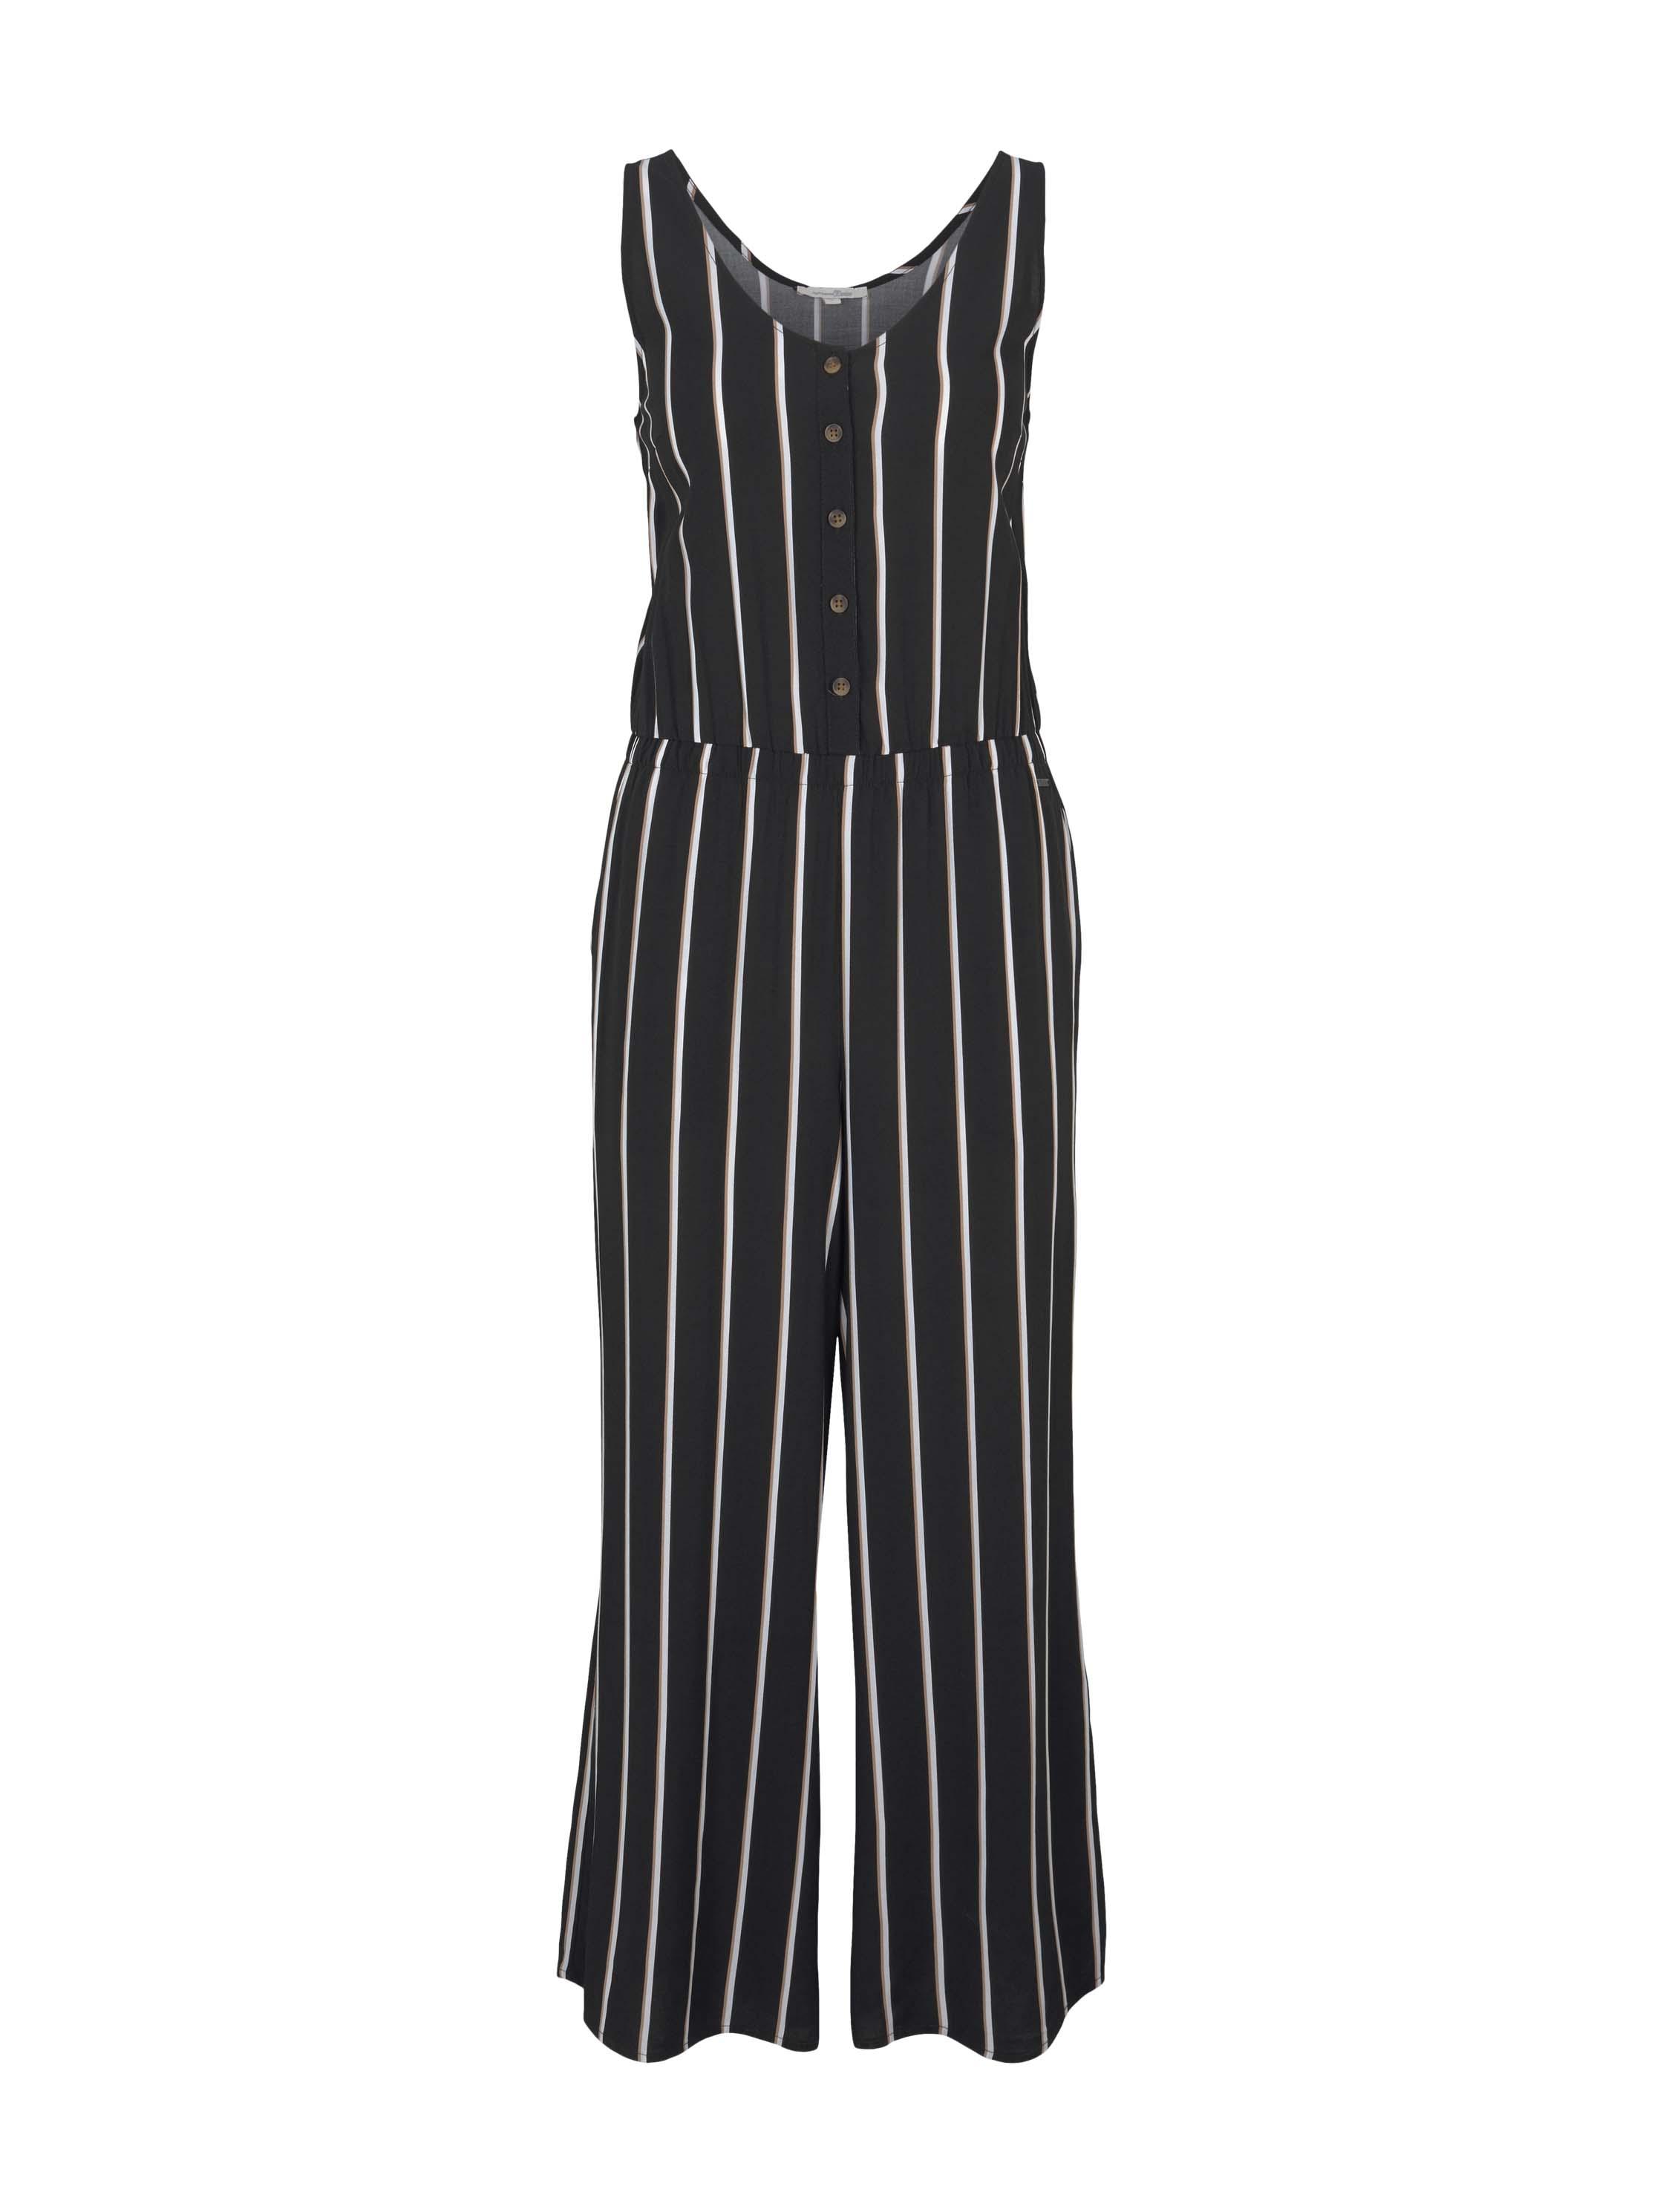 culotte overall, black beige vertical stripe